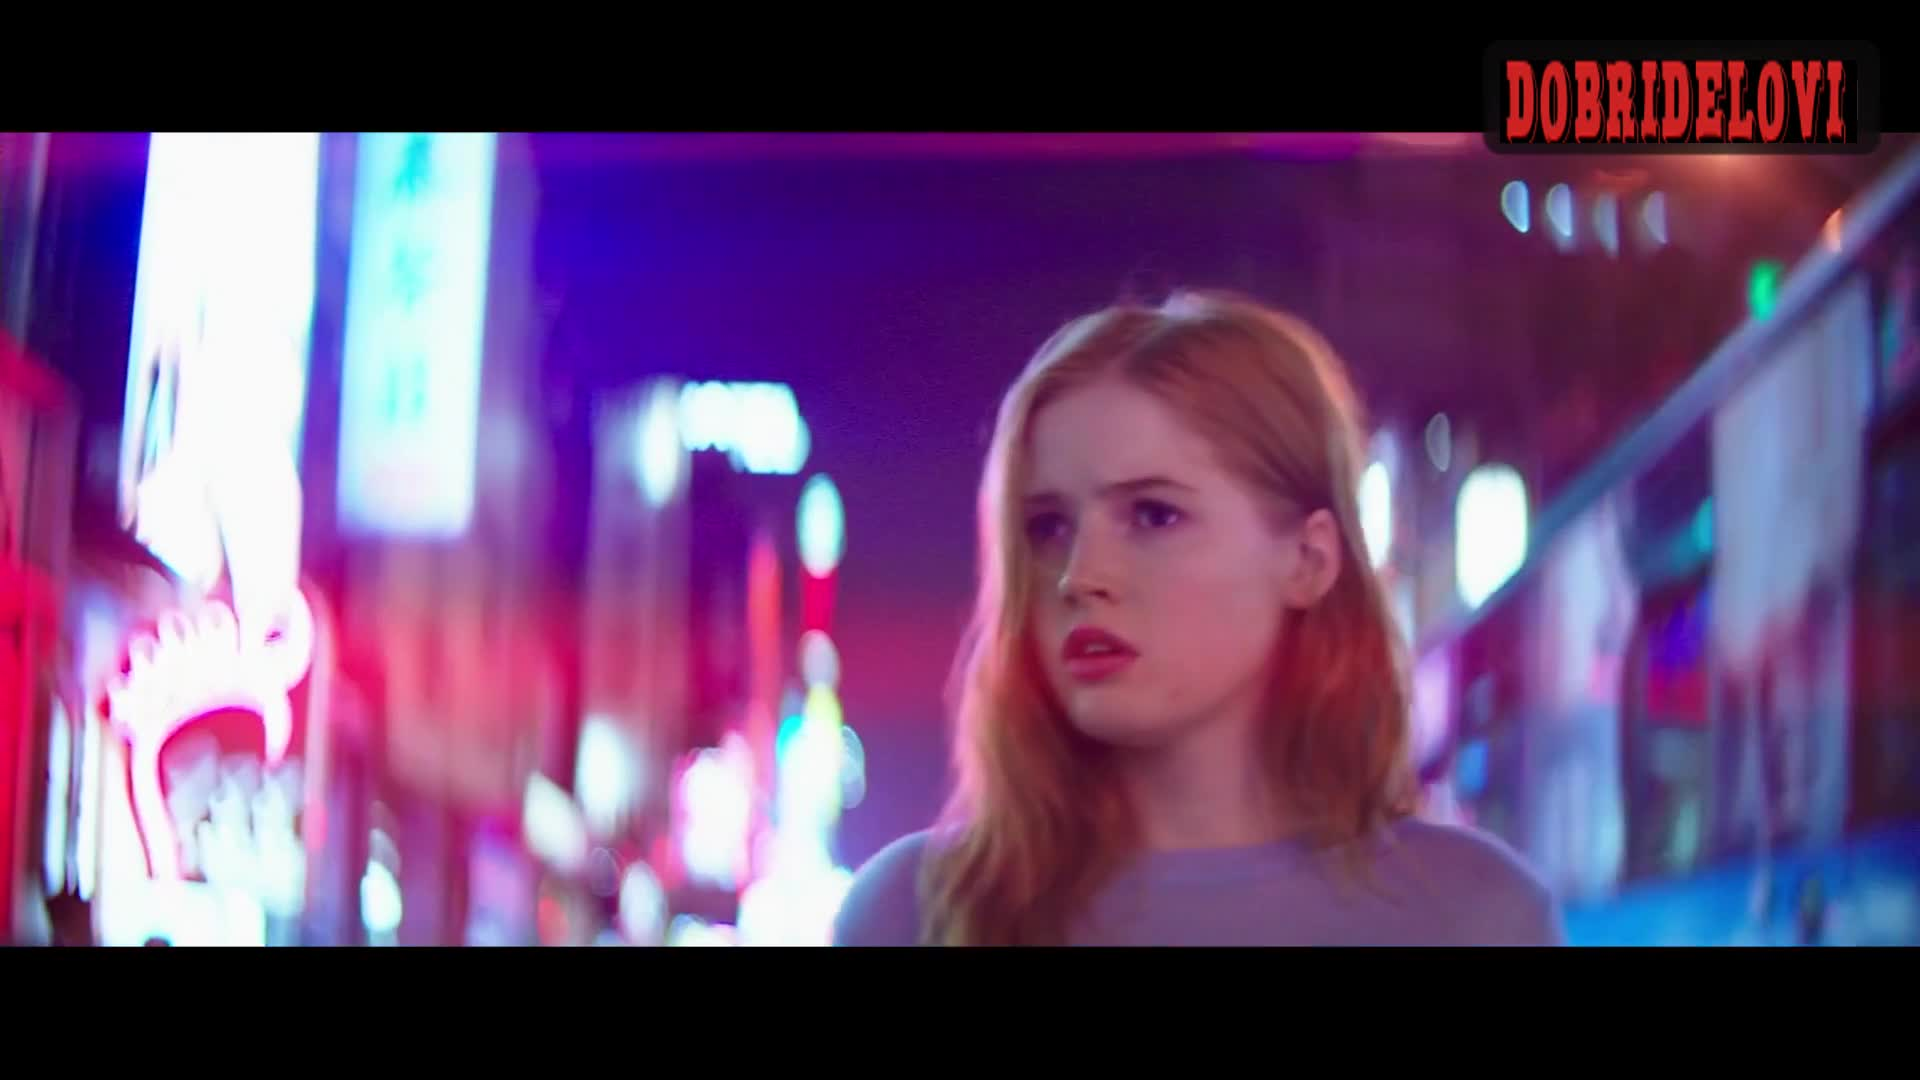 Ellie Bamber pokies Scene from High Resolution